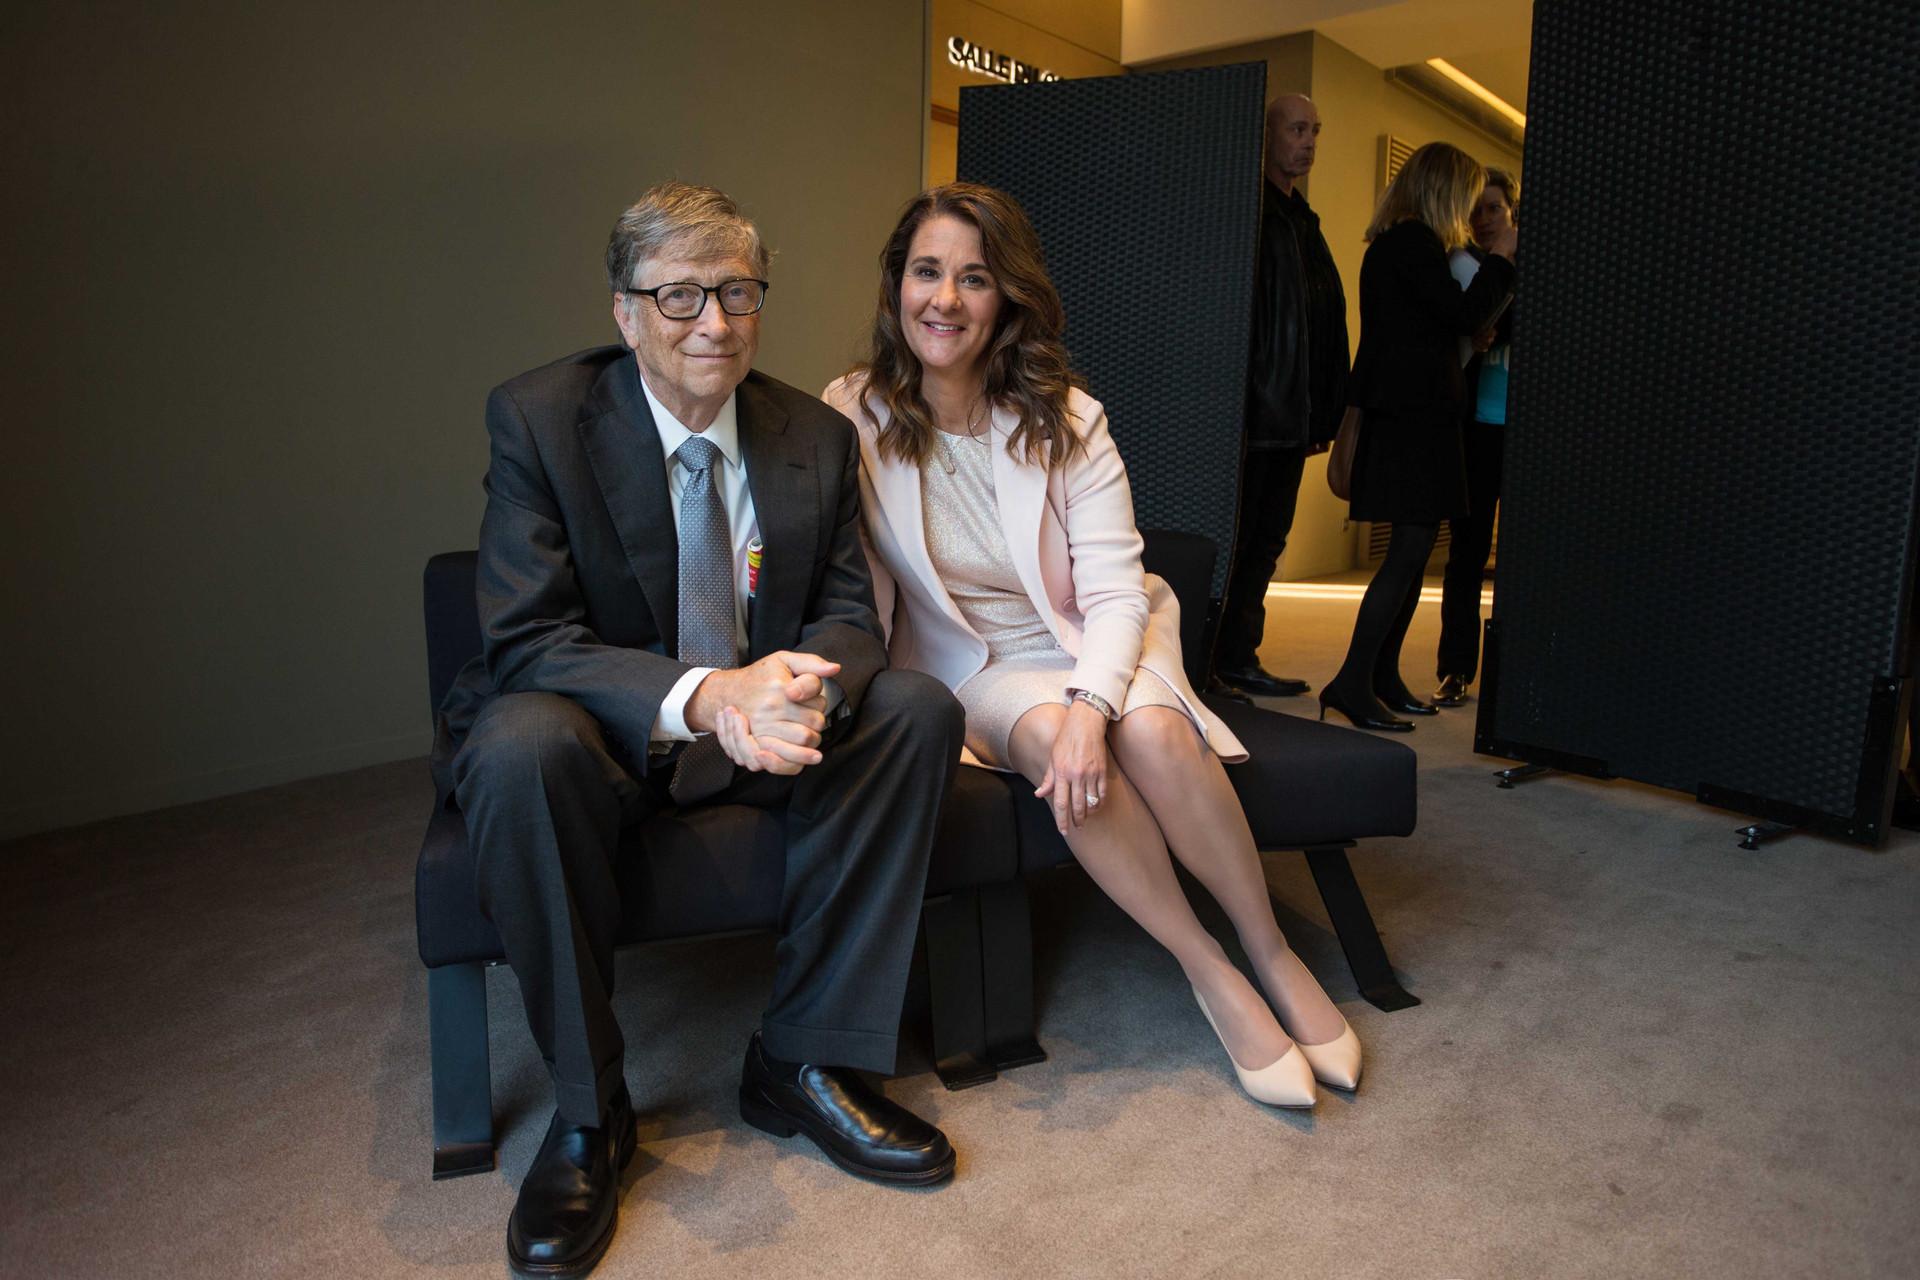 Bill et Melinda Gates, Paris, 2017